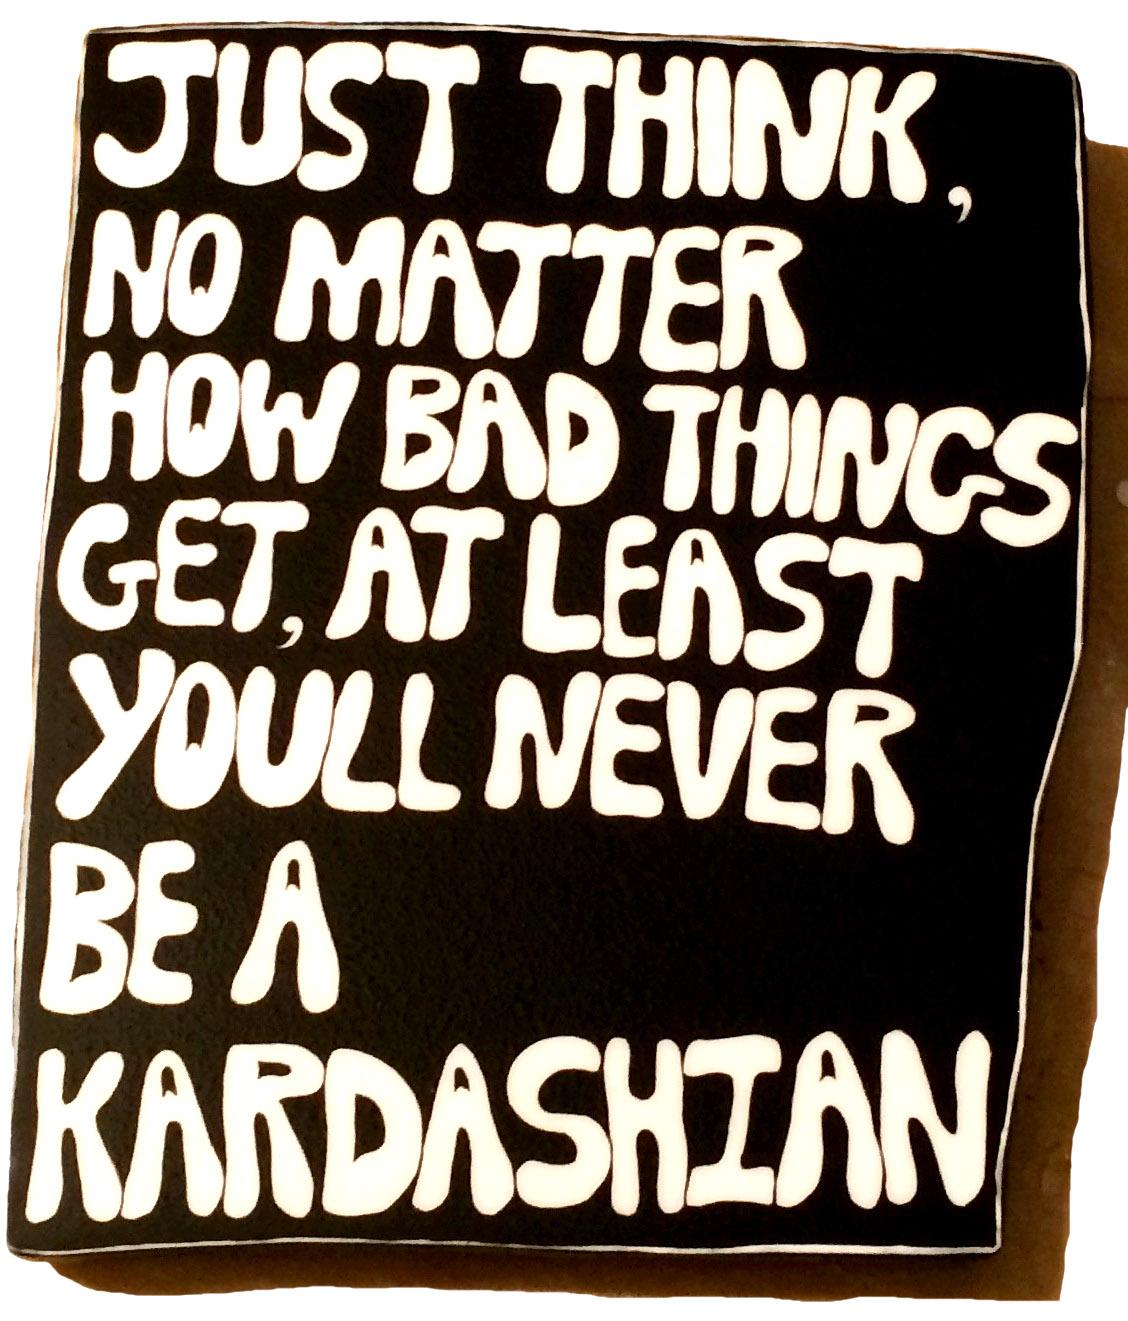 Kardashianshame.jpg